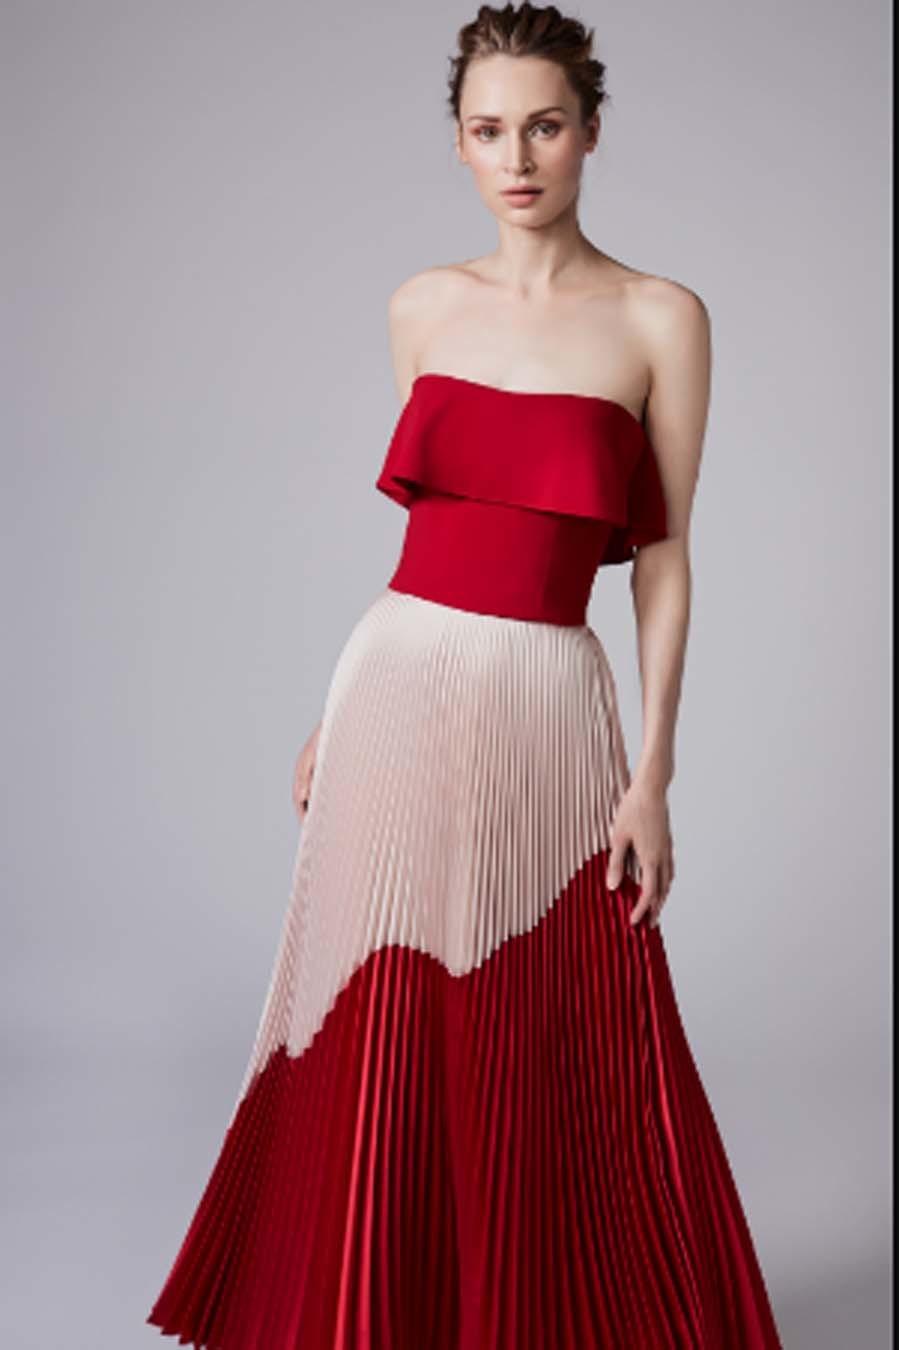 41179e6b0df9c Vestido rojo y blanco de Reem Acra